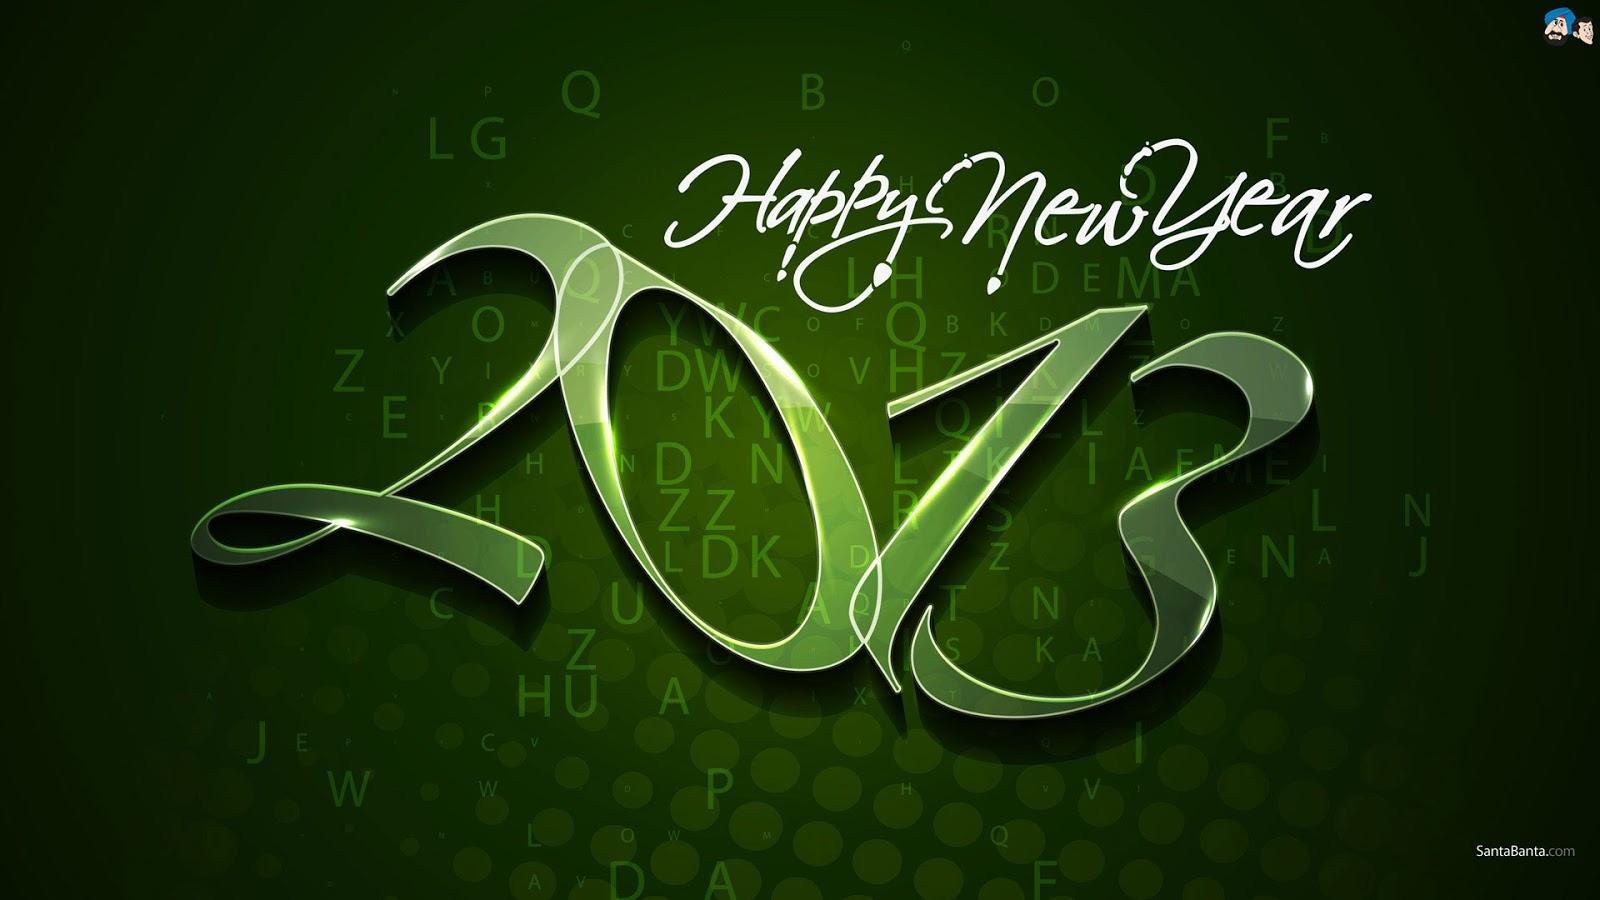 http://4.bp.blogspot.com/-SQ4LDWuDypc/UN07UqLZi9I/AAAAAAAAOGo/XLLxW4nUSP8/s1600/2013-happy-new-year-wallpapers-%2811%29.jpg